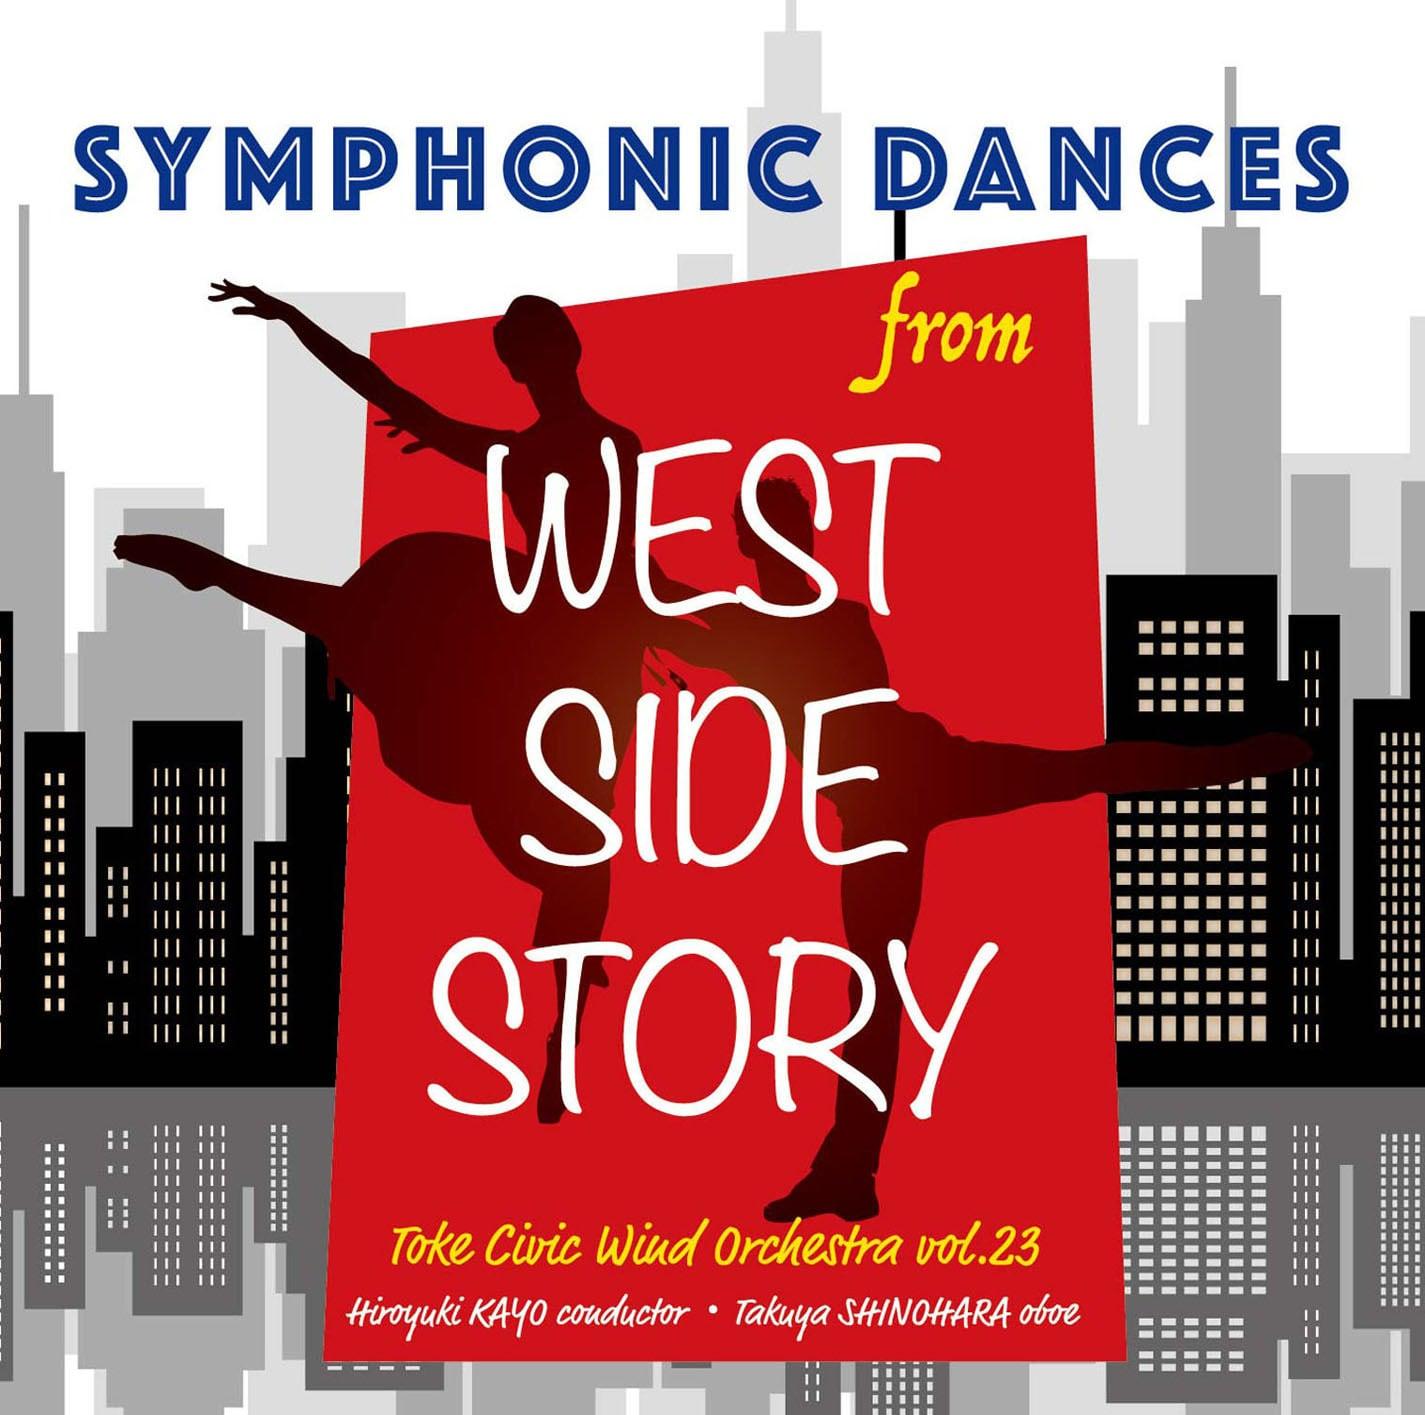 「ウエストサイドストーリー」より シンフォニック・ダンス/土気シビックウインドオーケストラ Vol.23(WKCD-0121)